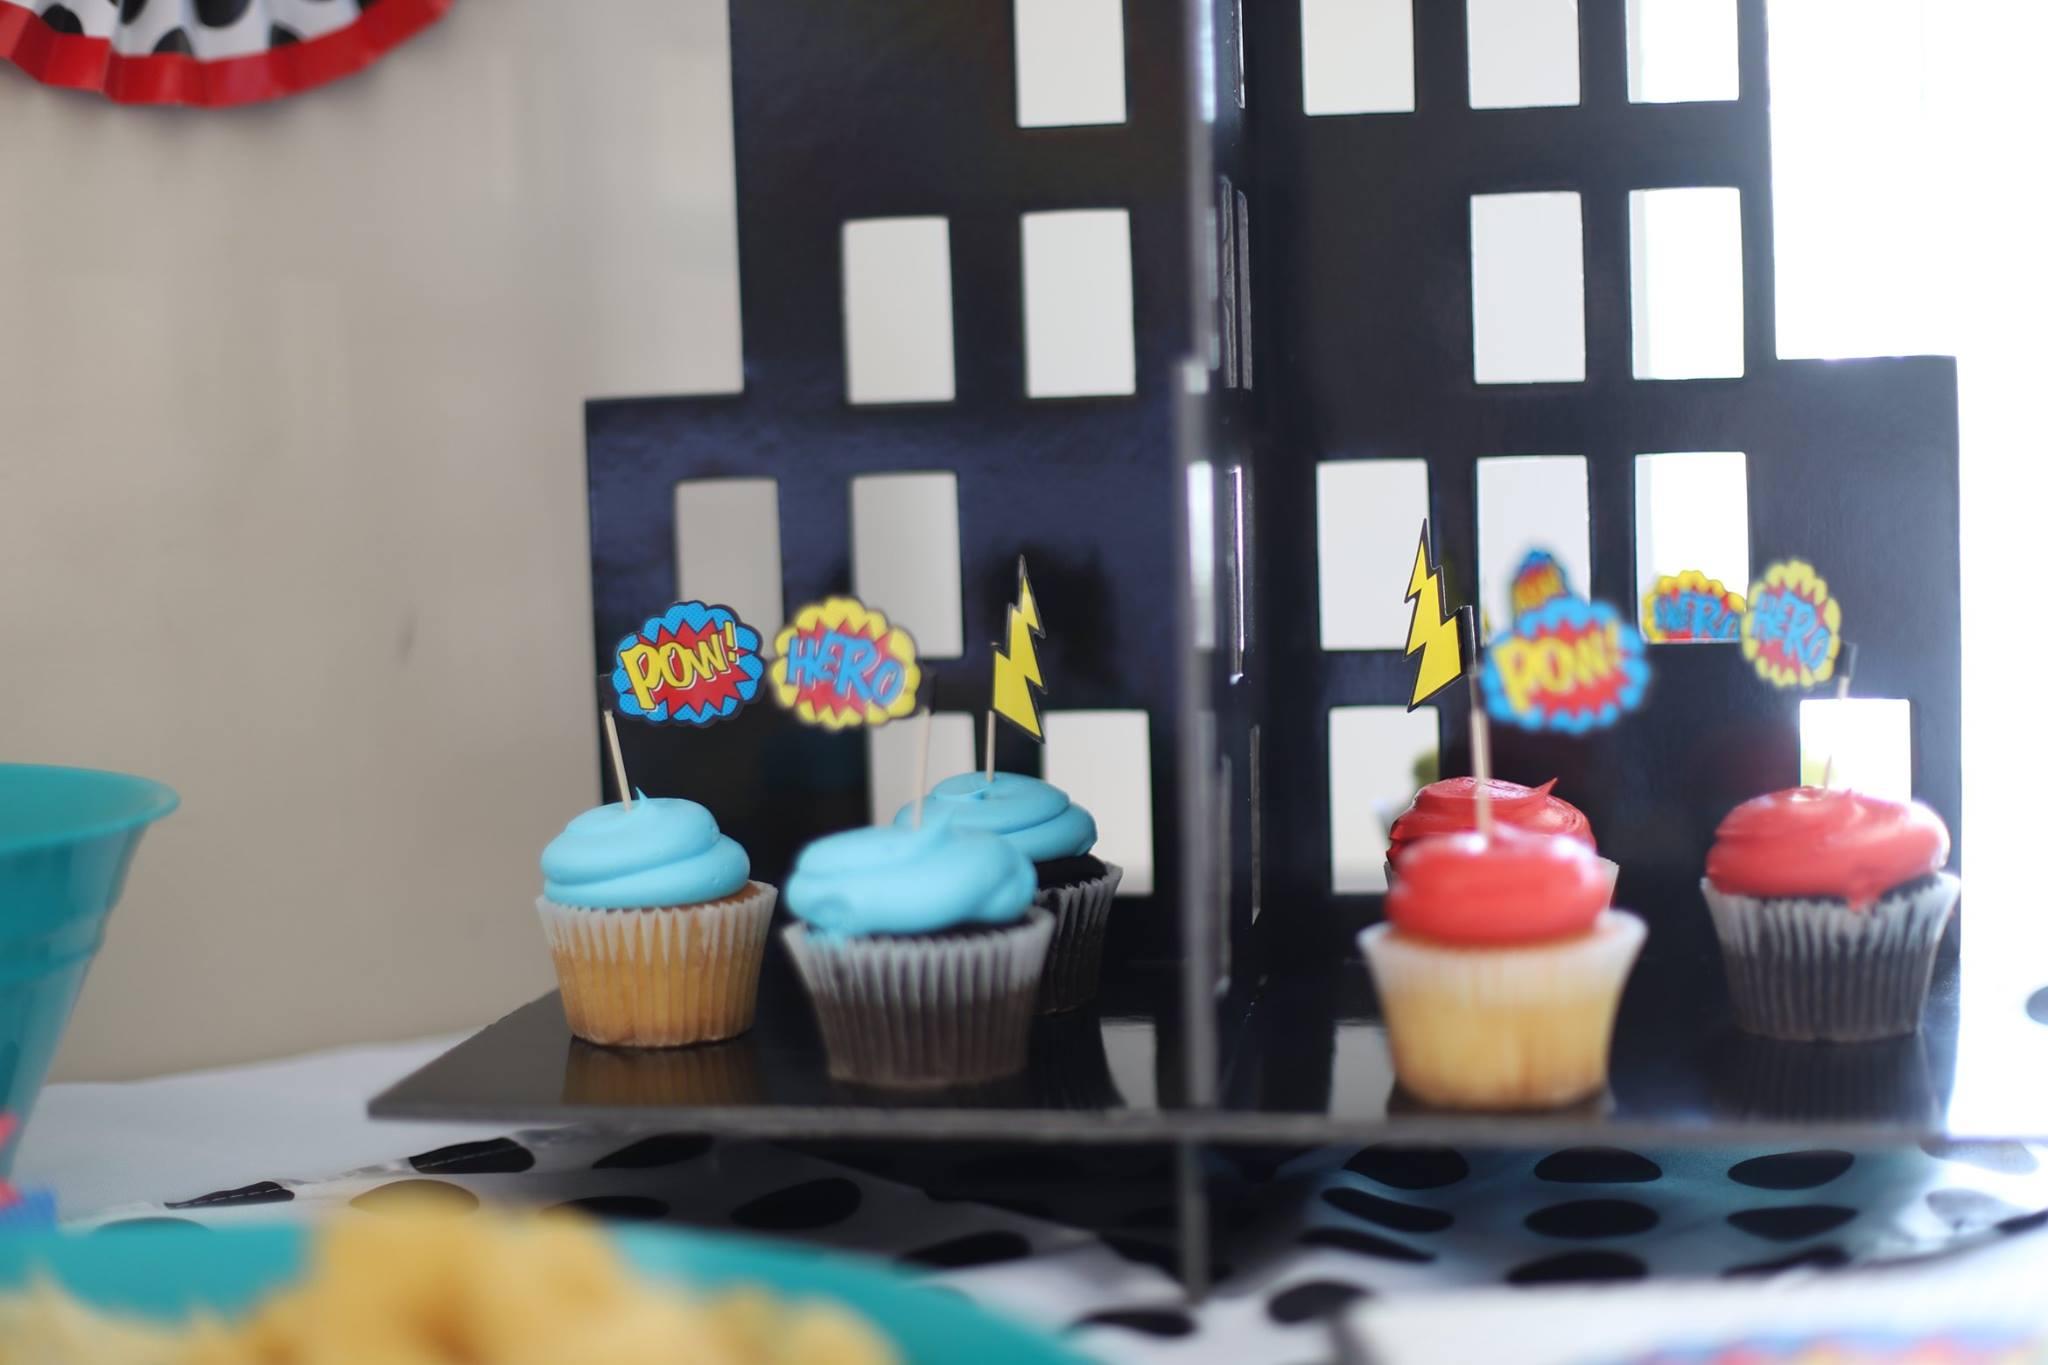 022__superhero_party_cupcakes.jpg